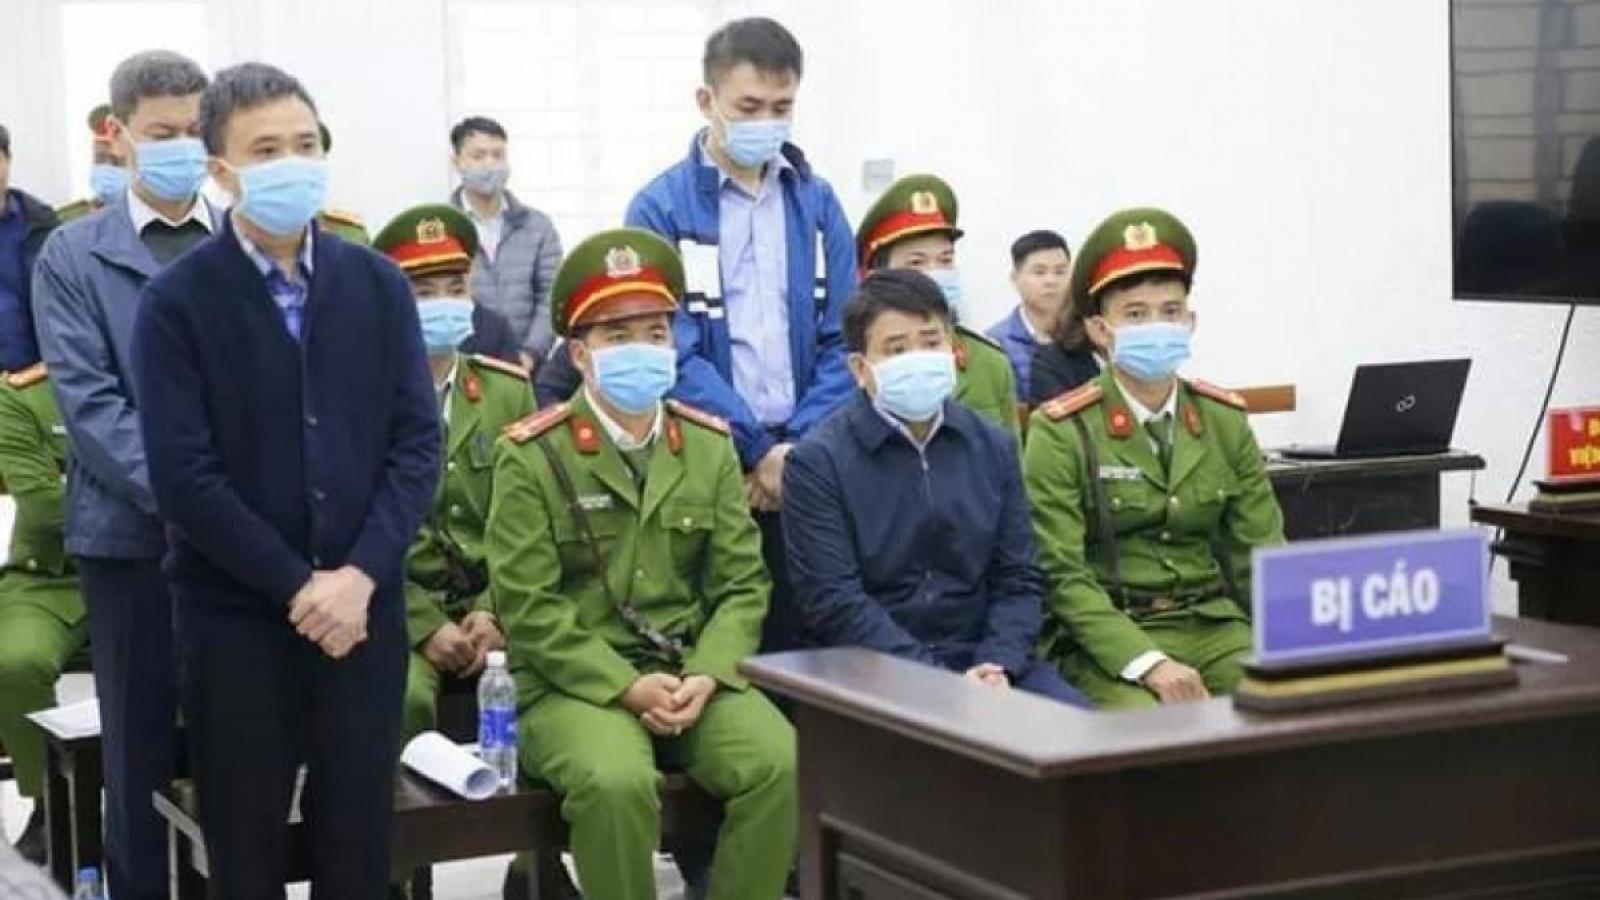 Ông Nguyễn Đức Chung đã chỉ đạo đoàn thanh tra Hà Nội phải ra kết luận sai lệch